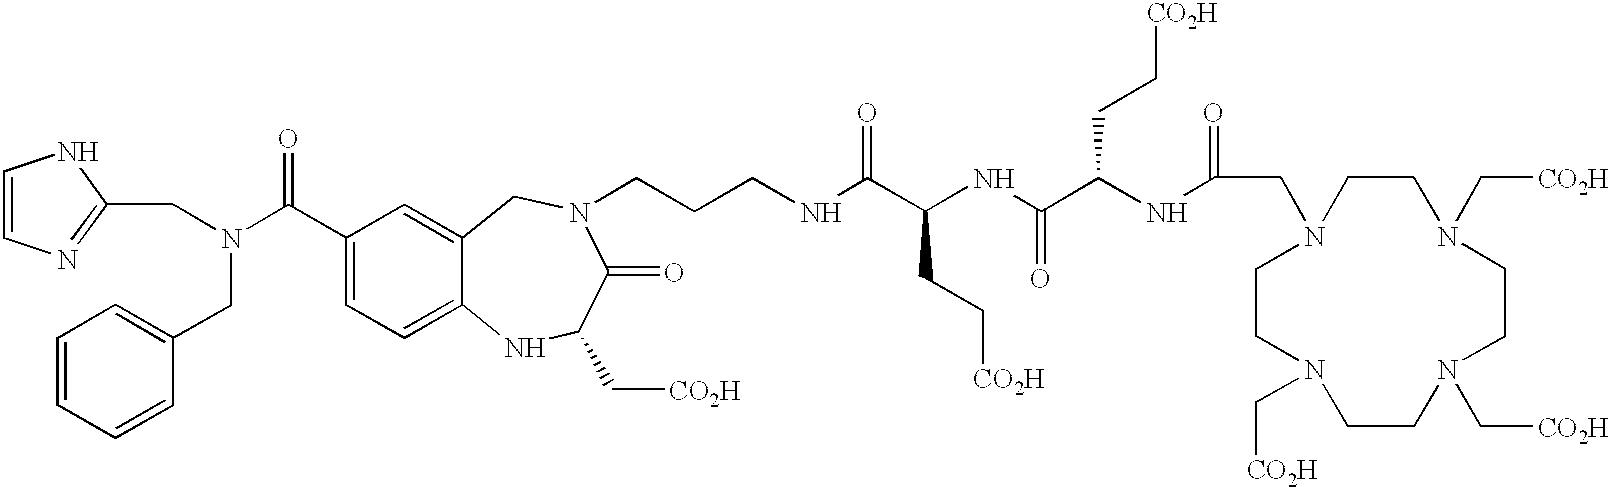 Figure US06558649-20030506-C00051